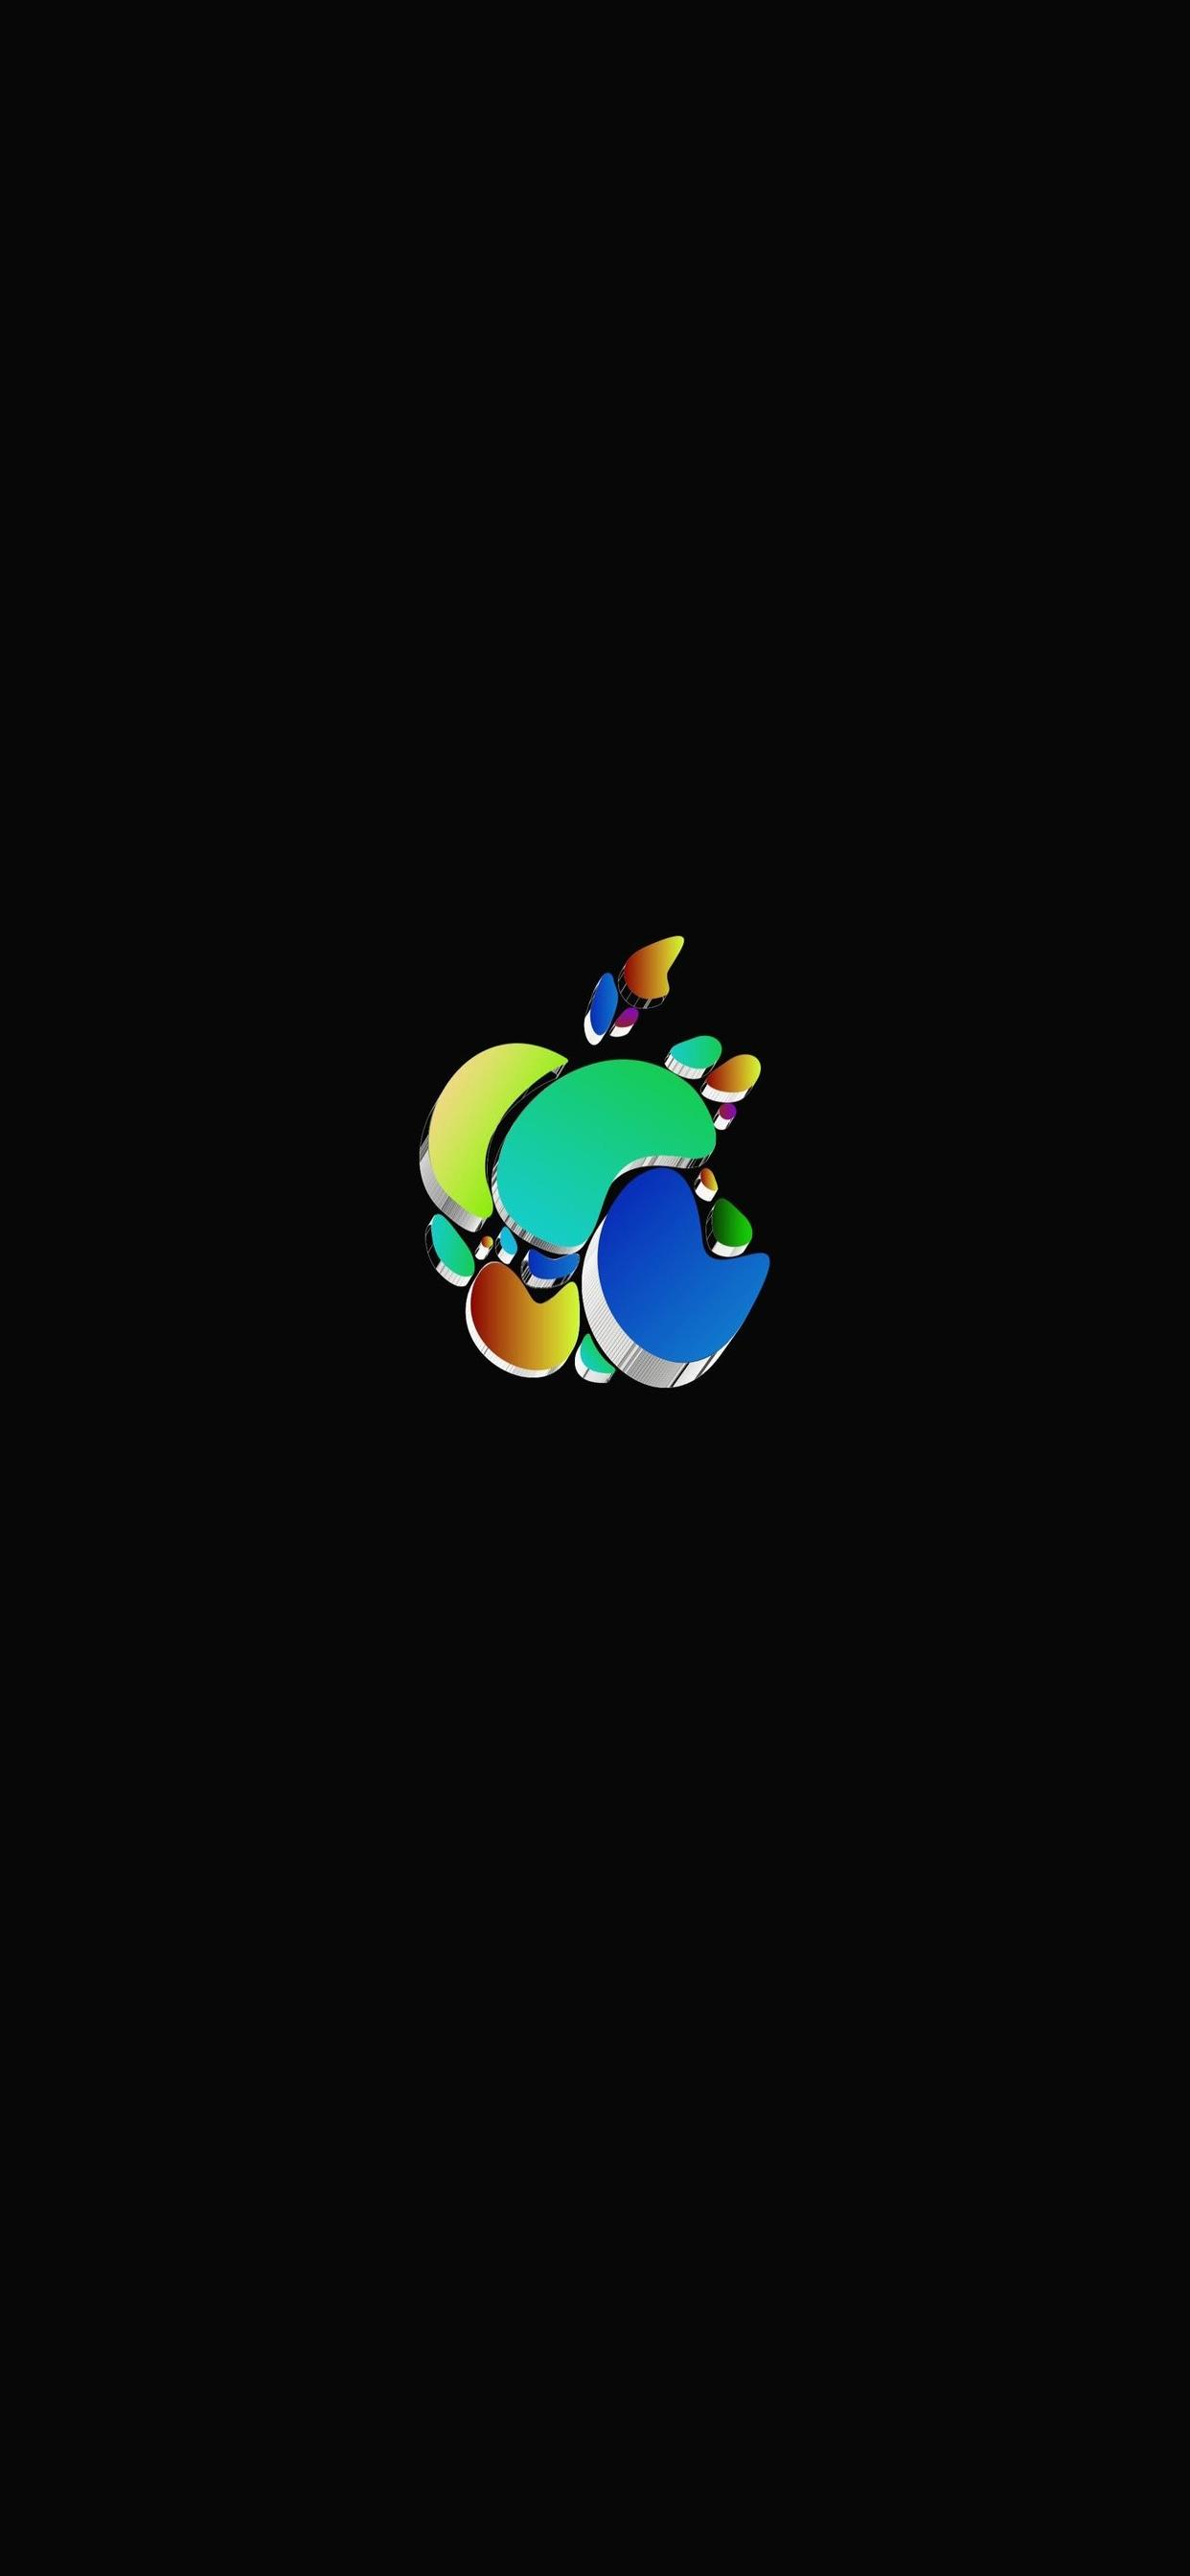 iPhone wallpaper apple logo 29 Fonds décran noirs avec le logo Apple en très haute résolution